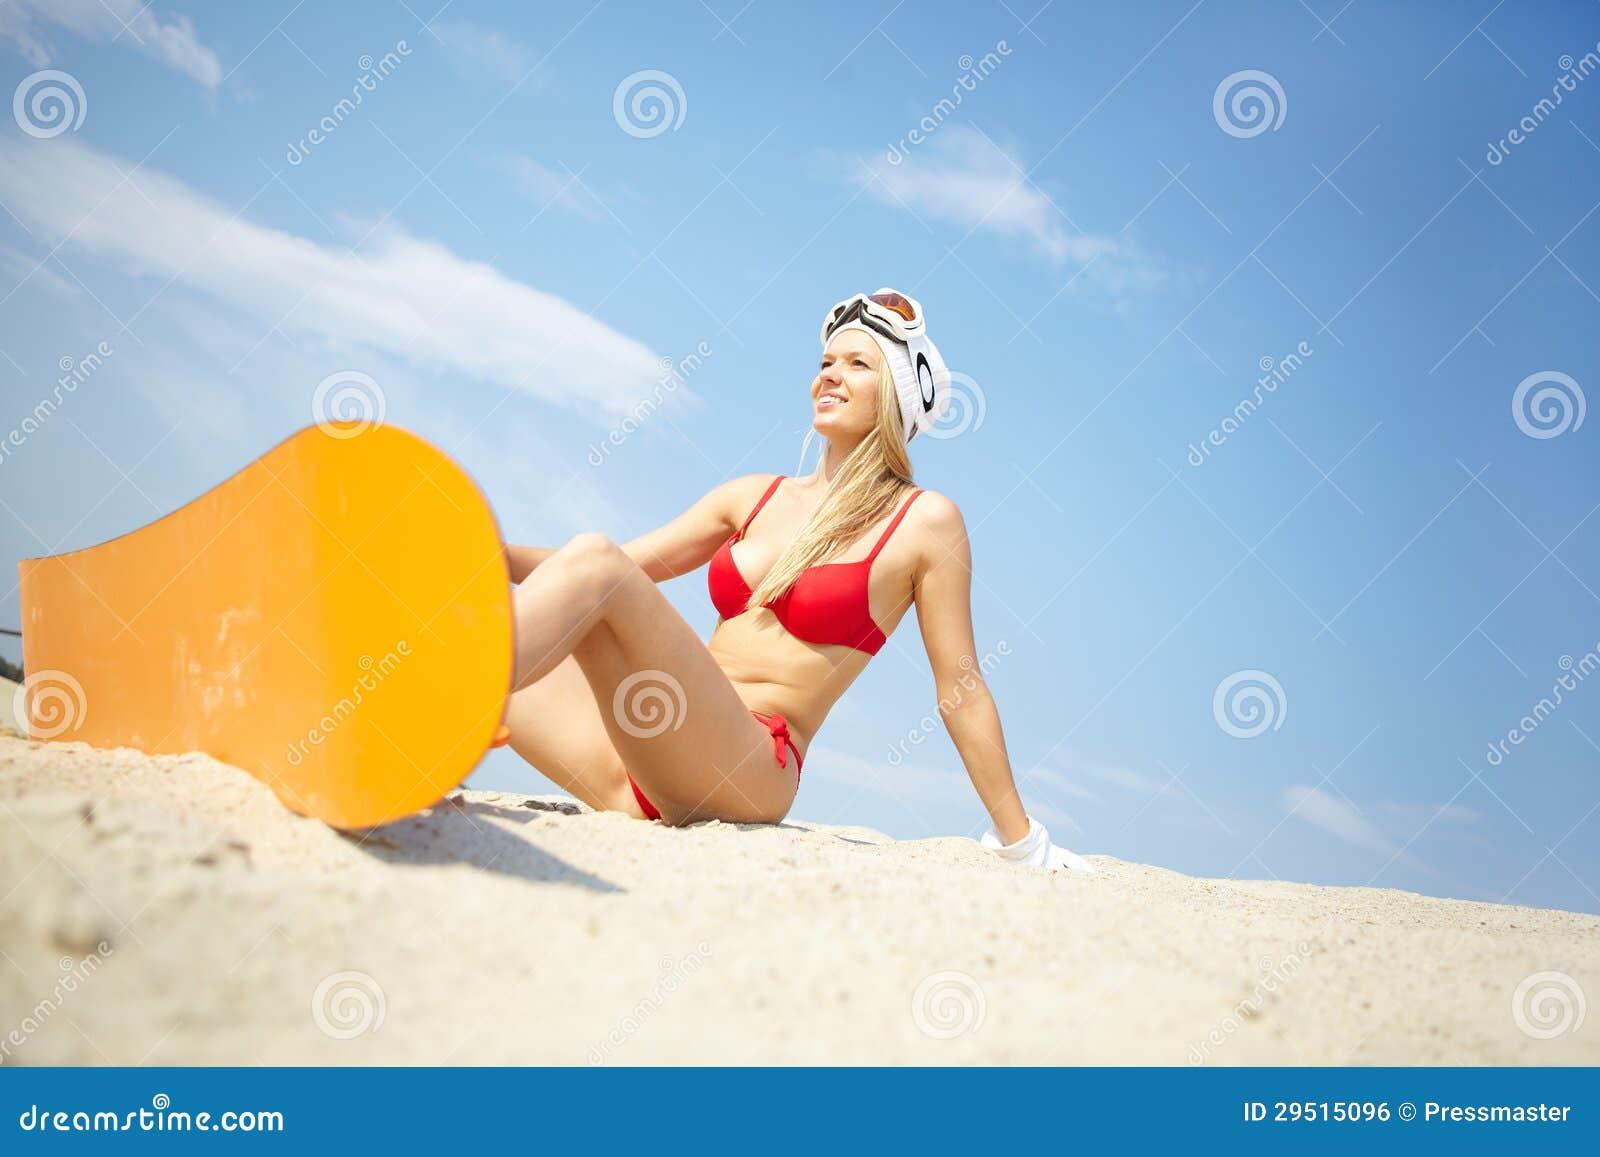 De sportvrouw van het strand